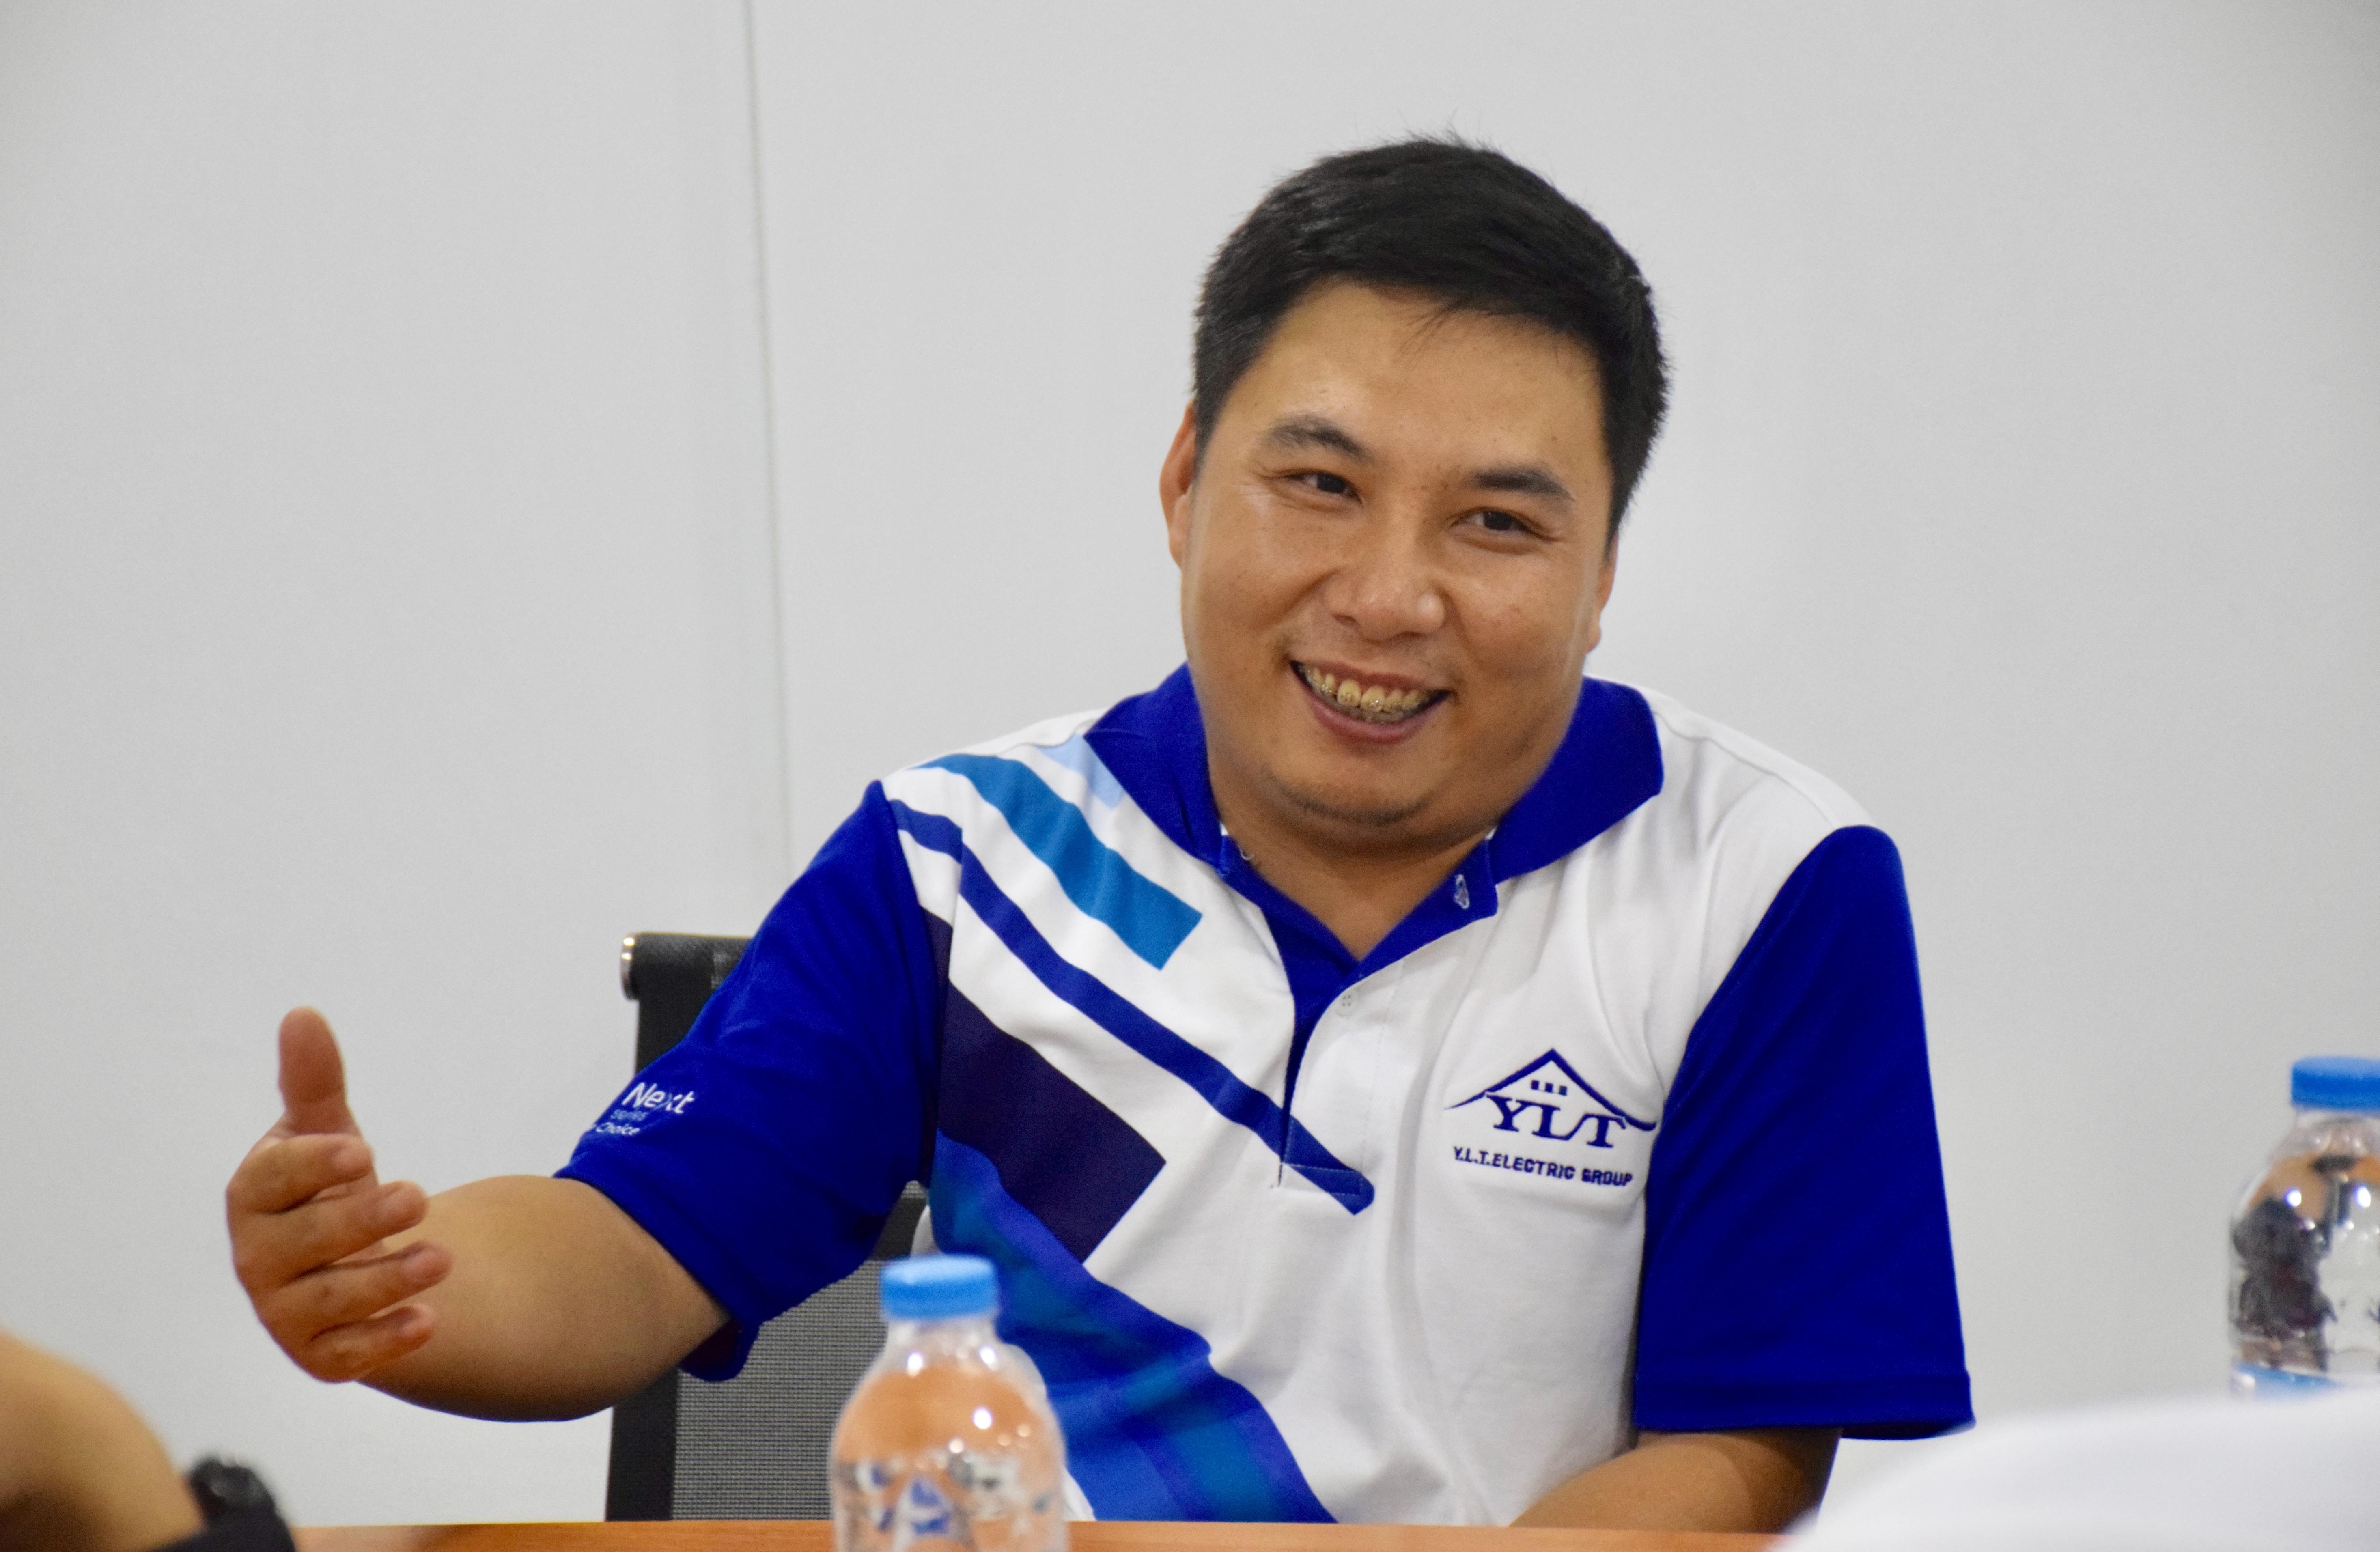 泰国温州商会会员企业拜访录(7) 泰国温州商会会员企业:泰国伊利泰(Y.L.T.)电气集团有限公司的总经理刘洪伟先生